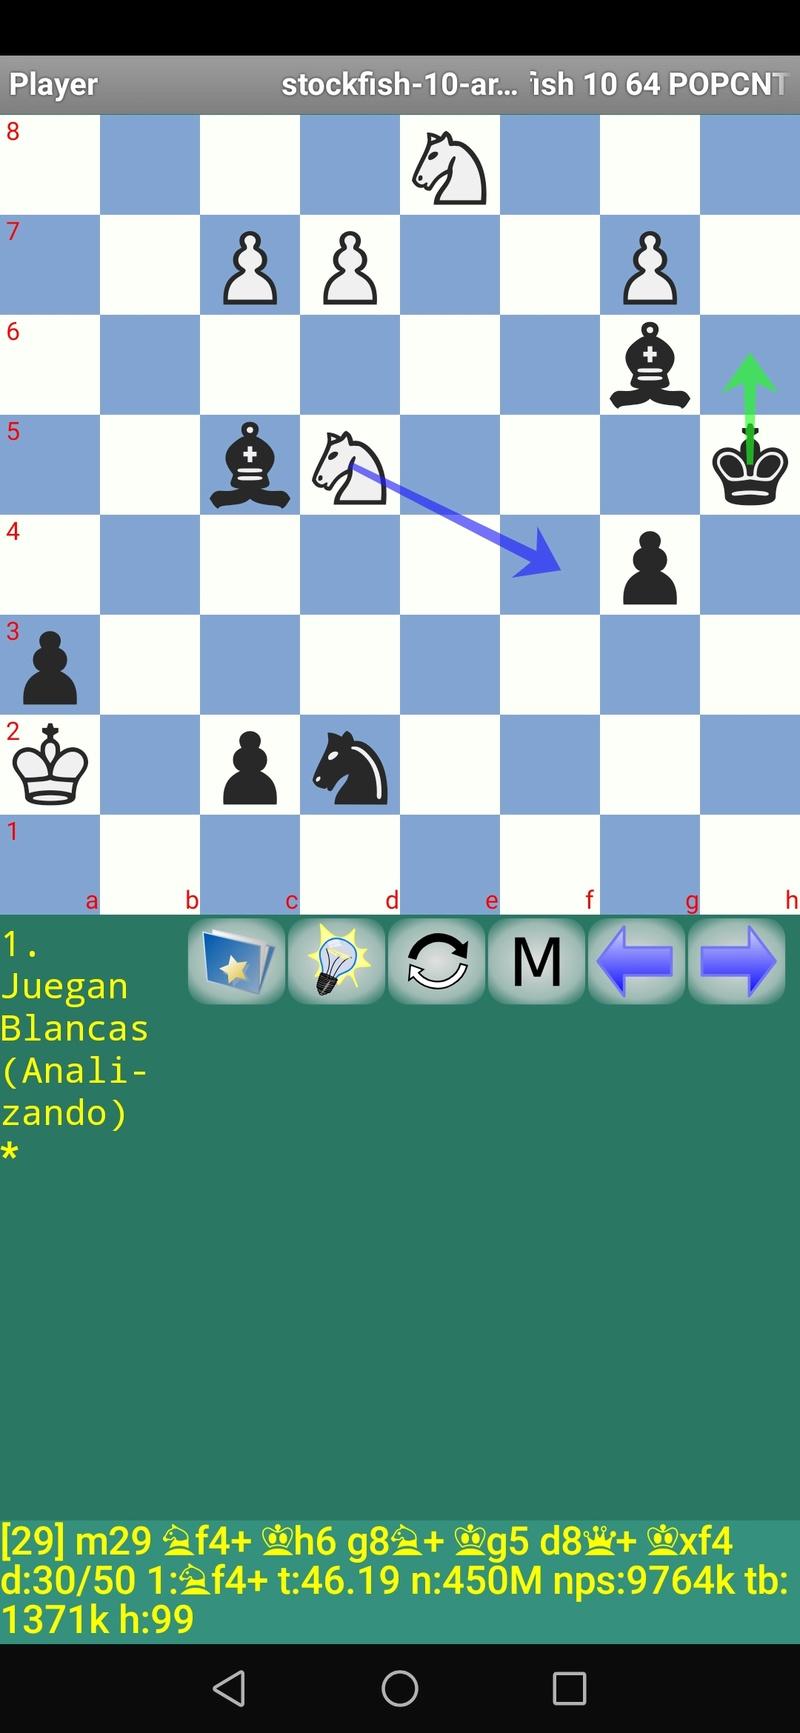 30 posiciones de Test fabulosas con el Stockfish 10 / Matador de QUIJOTEL (I) Scree112